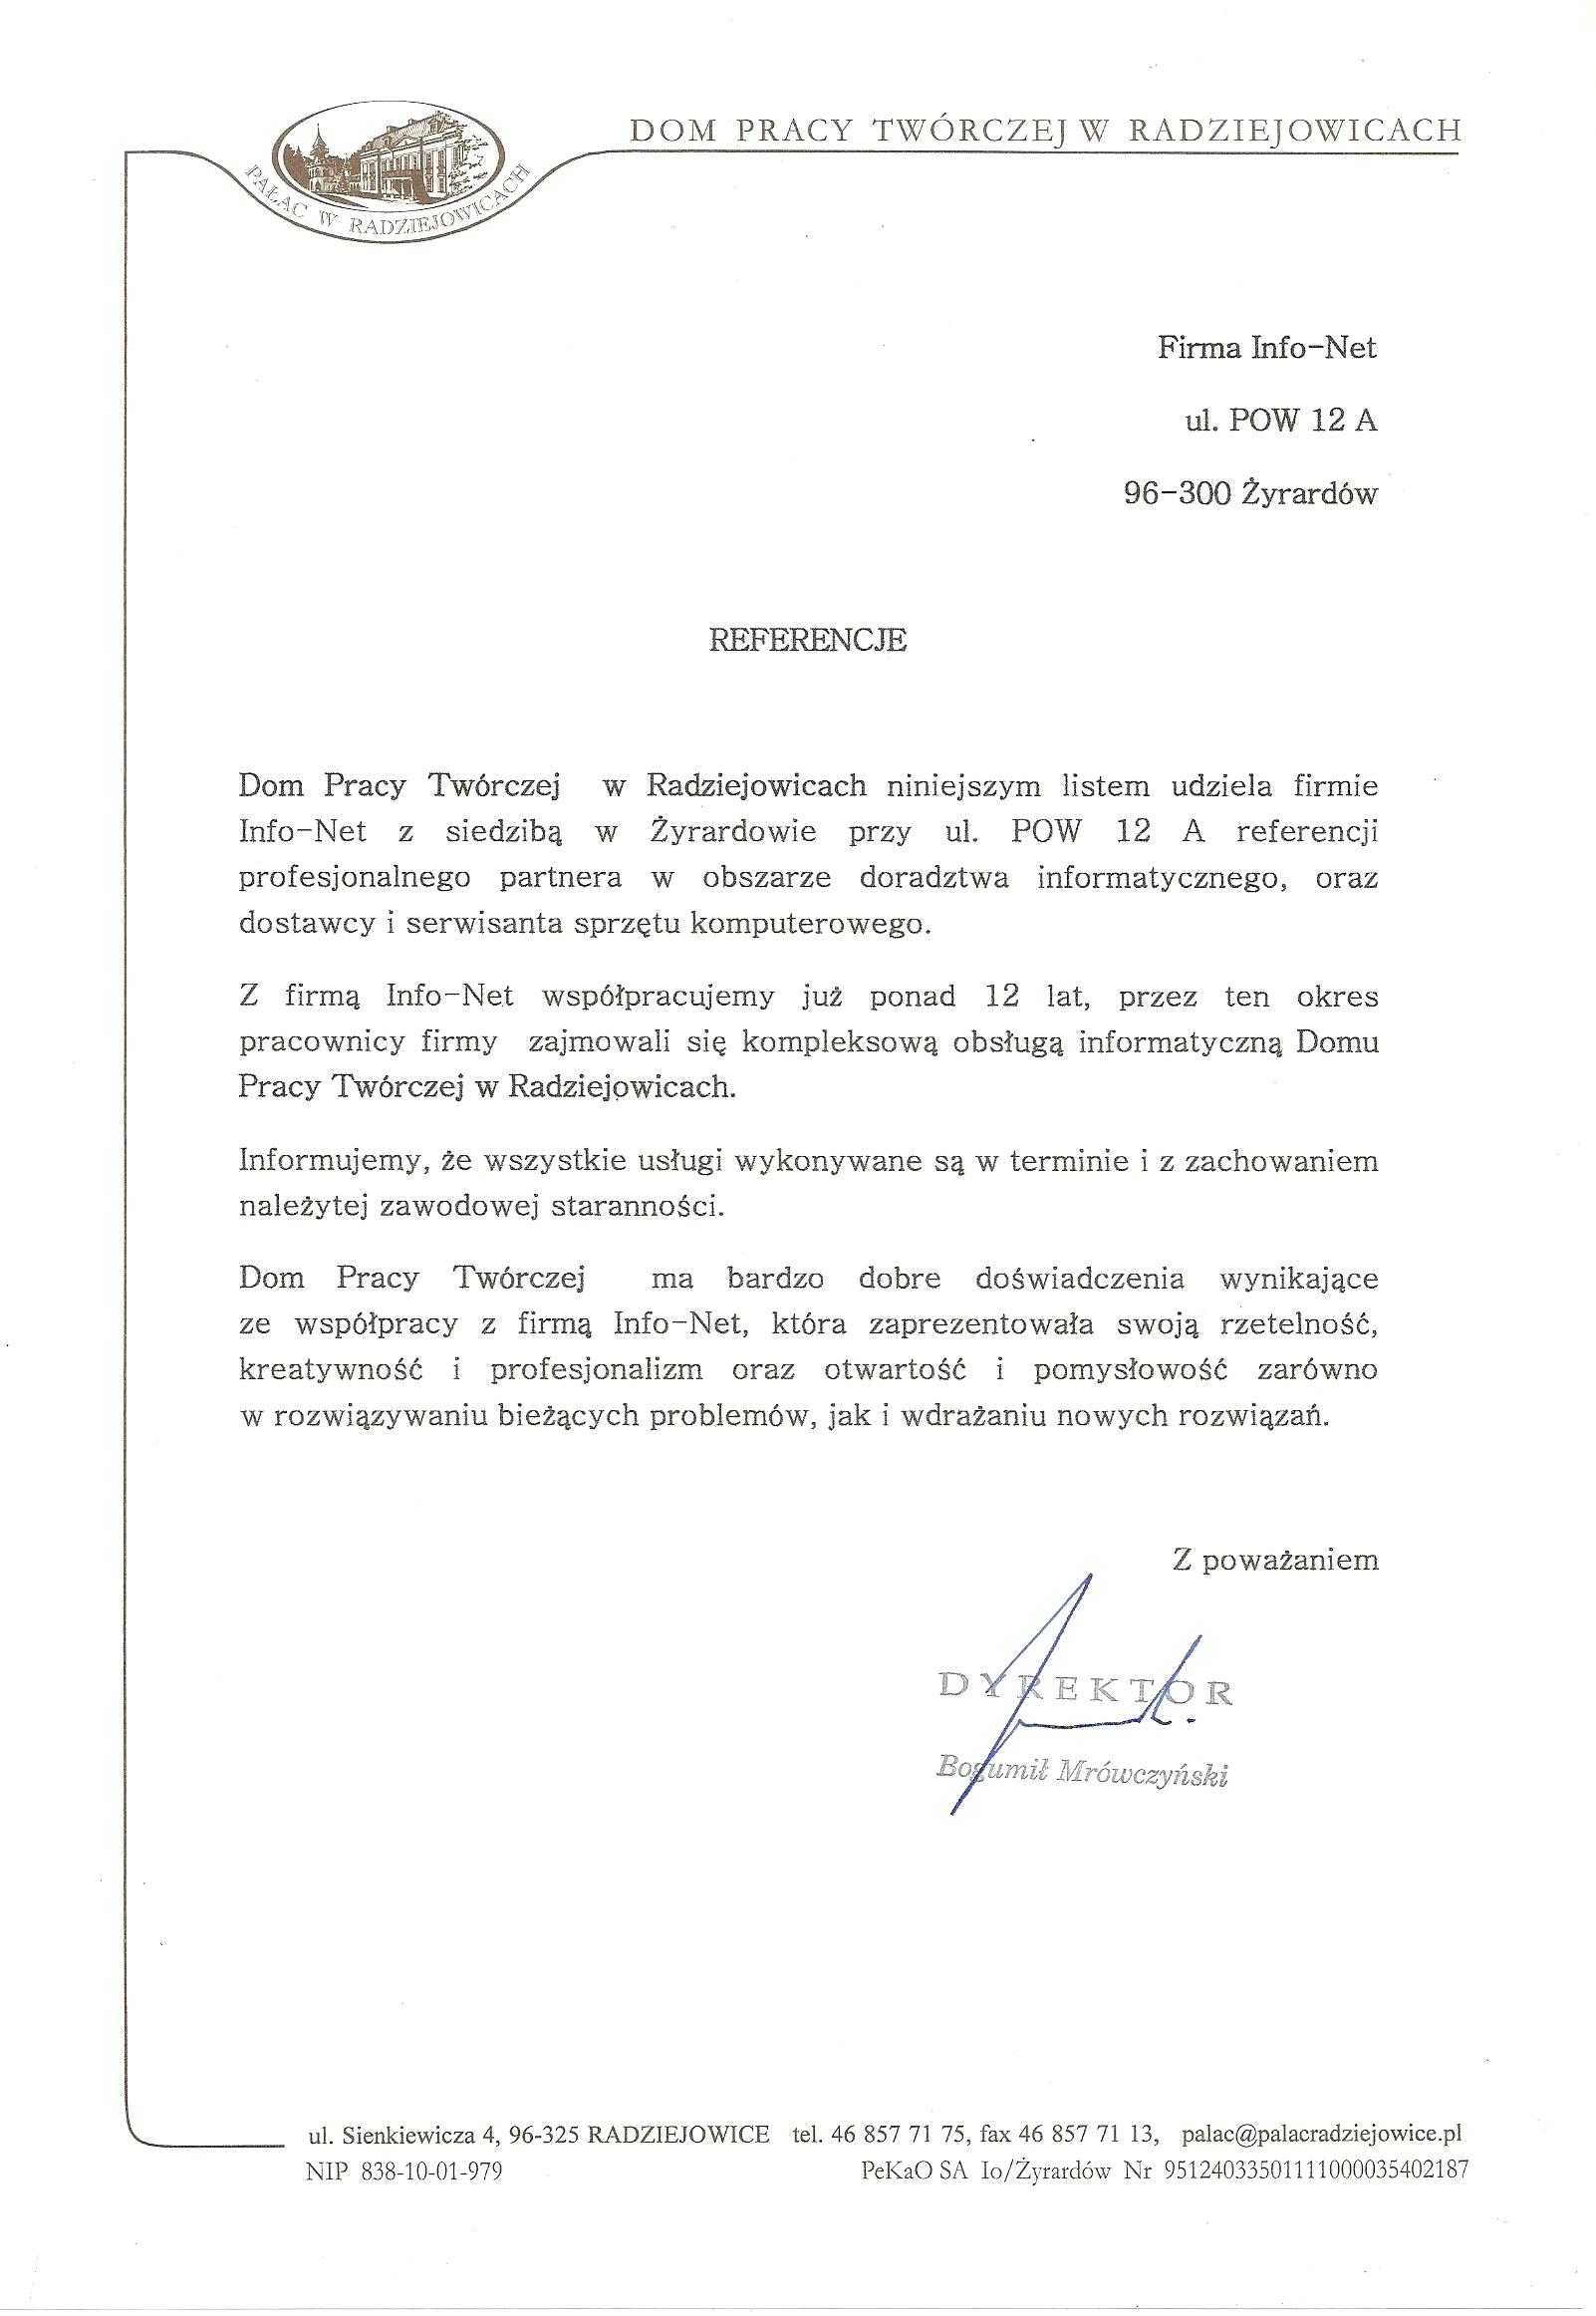 Pałac Radziejowice referencje